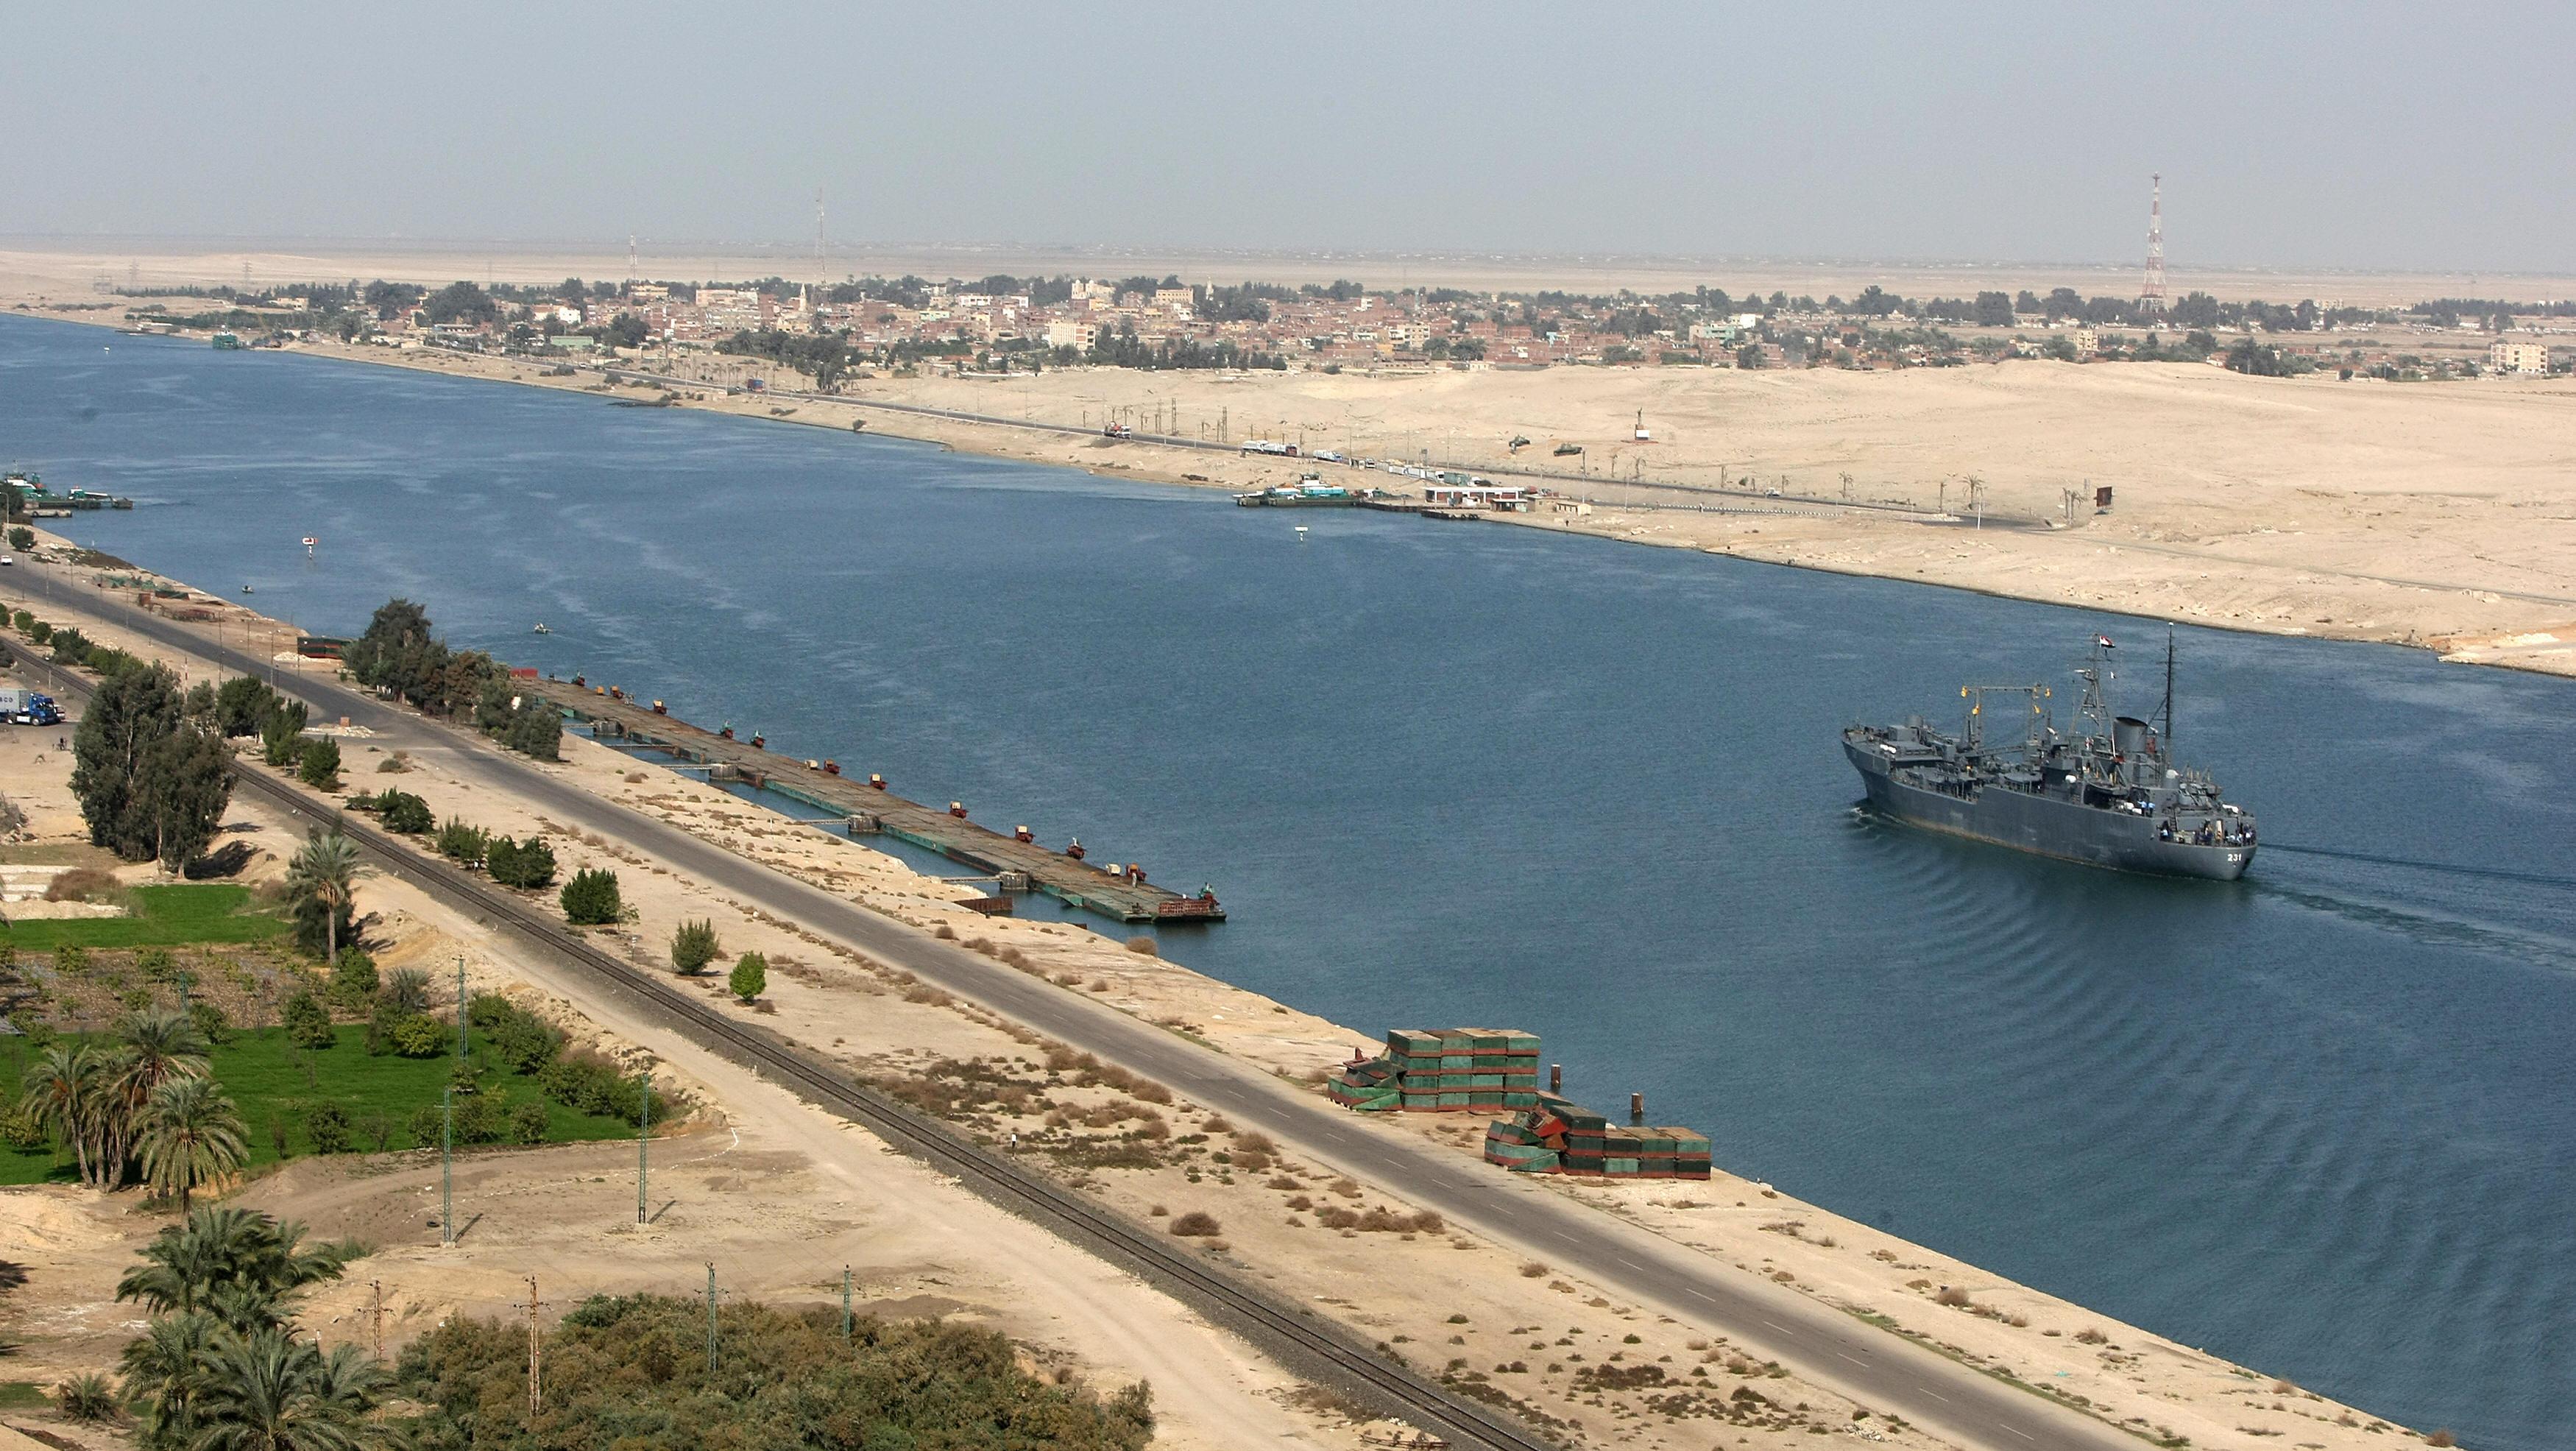 Власти Египта намерены превратить новый Суэцкий канал в международный торговый хаб